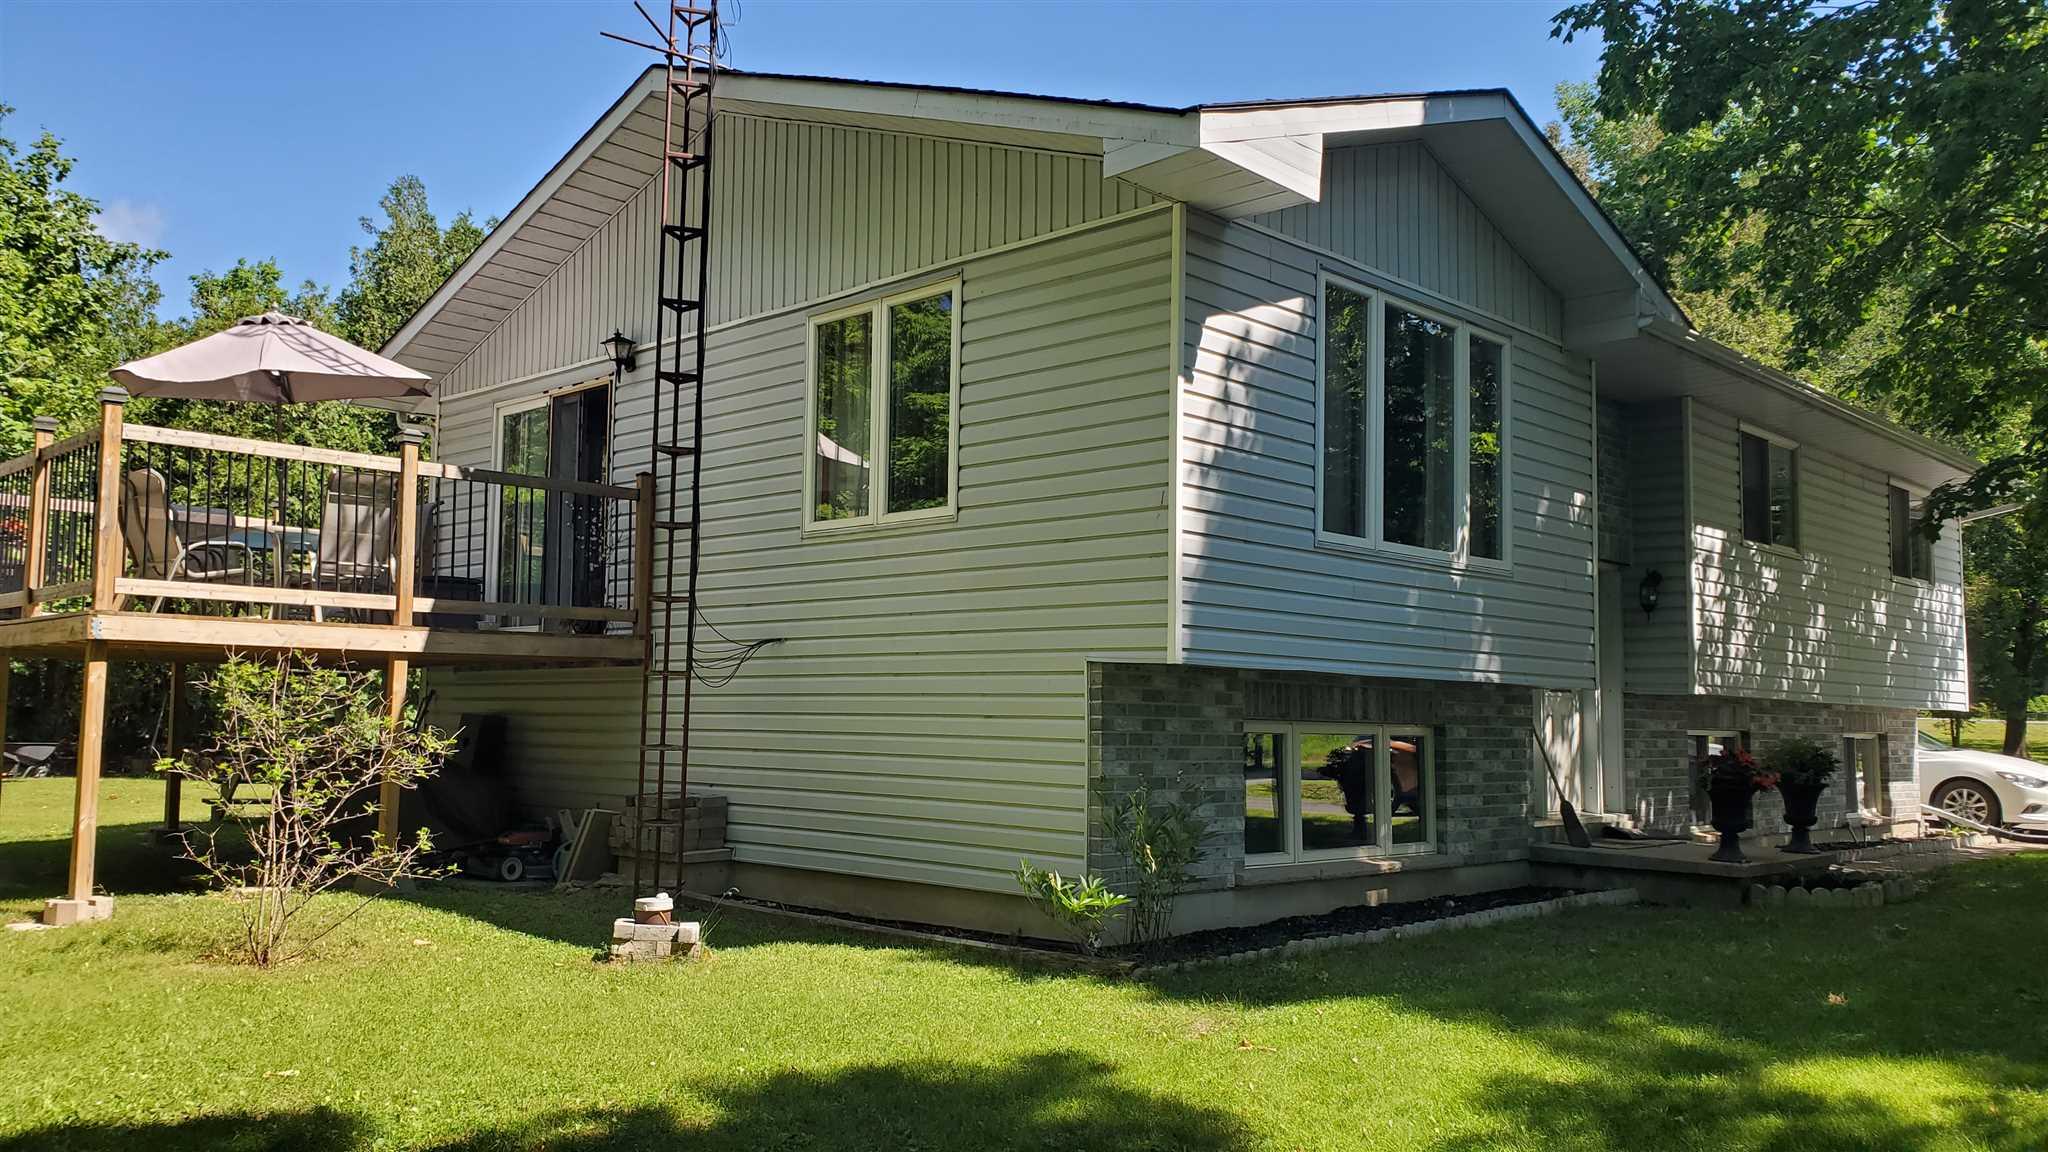 469 Adair Road, Tamworth Ontario, Canada